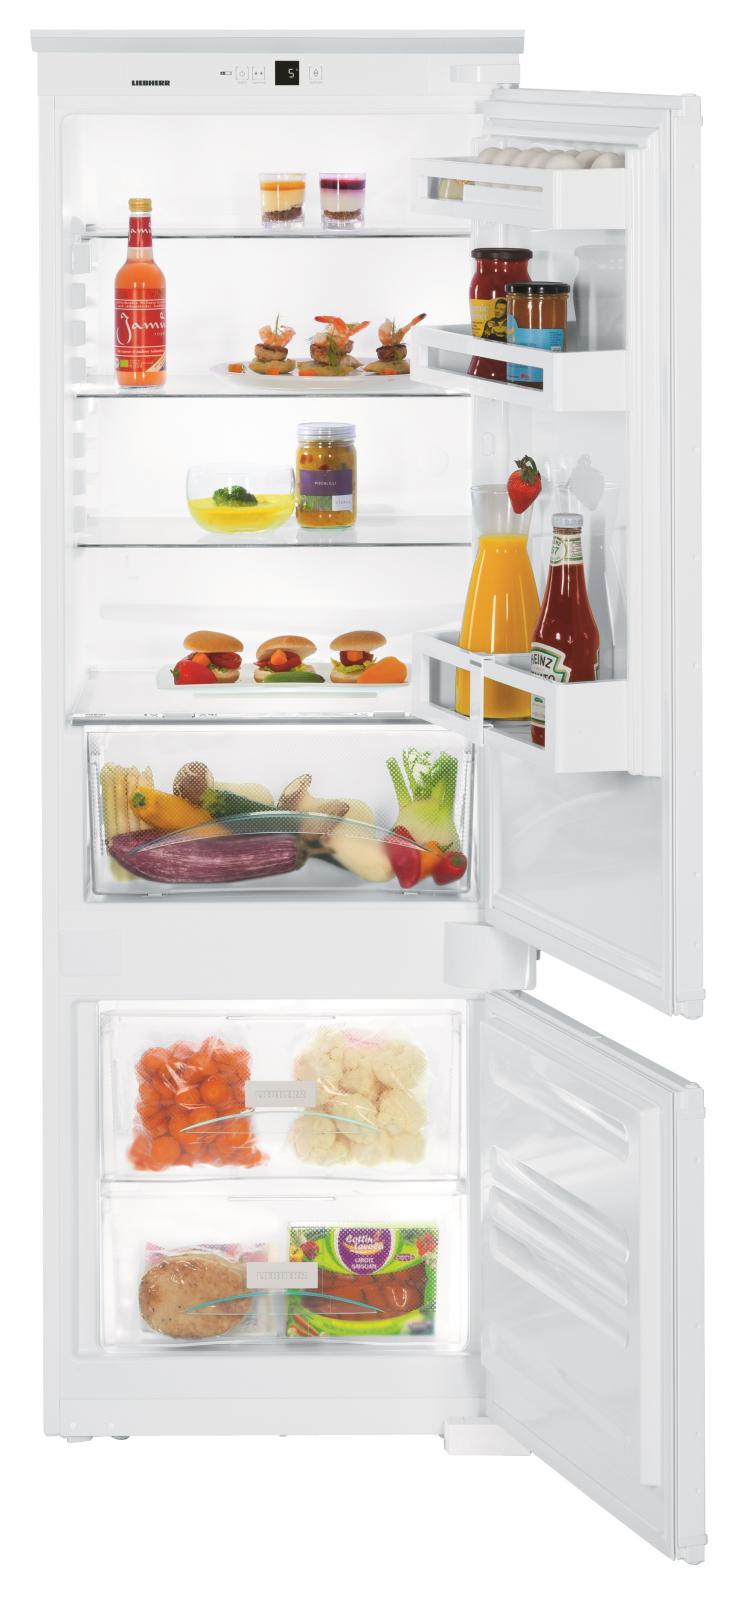 купить Встраиваемый двухкамерный холодильник Liebherr ICUS 2924 Украина фото 0